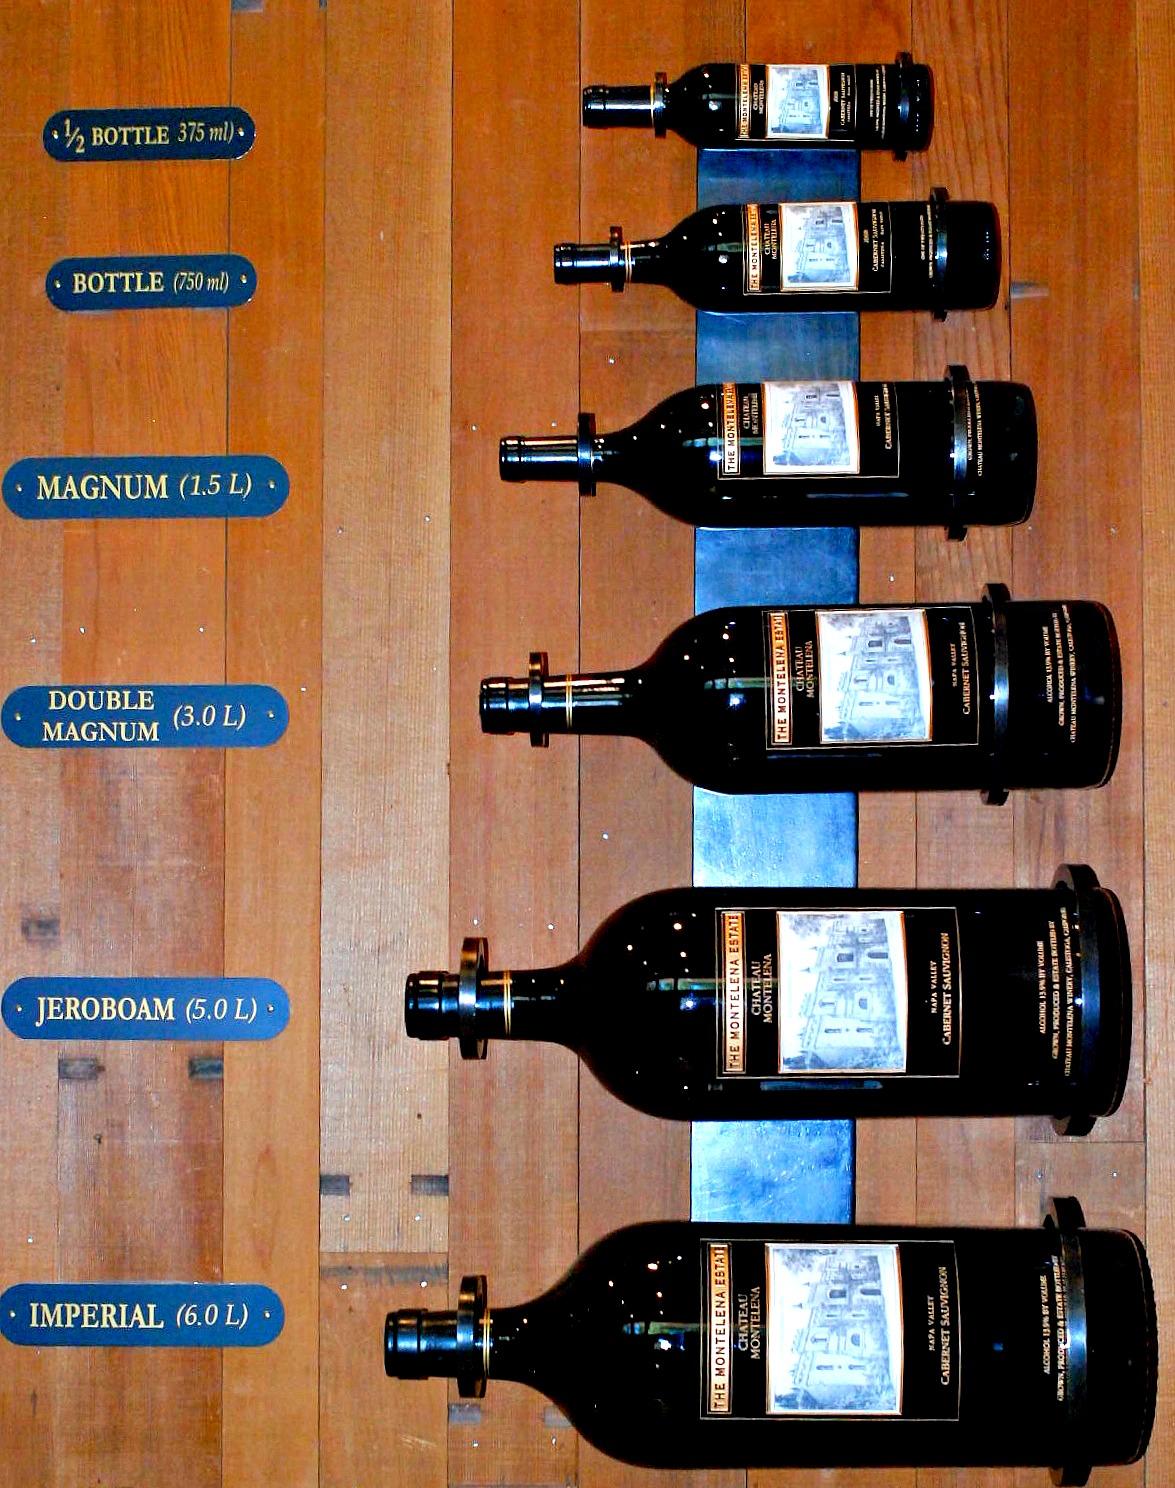 Chateau Montelena. bottle sizes